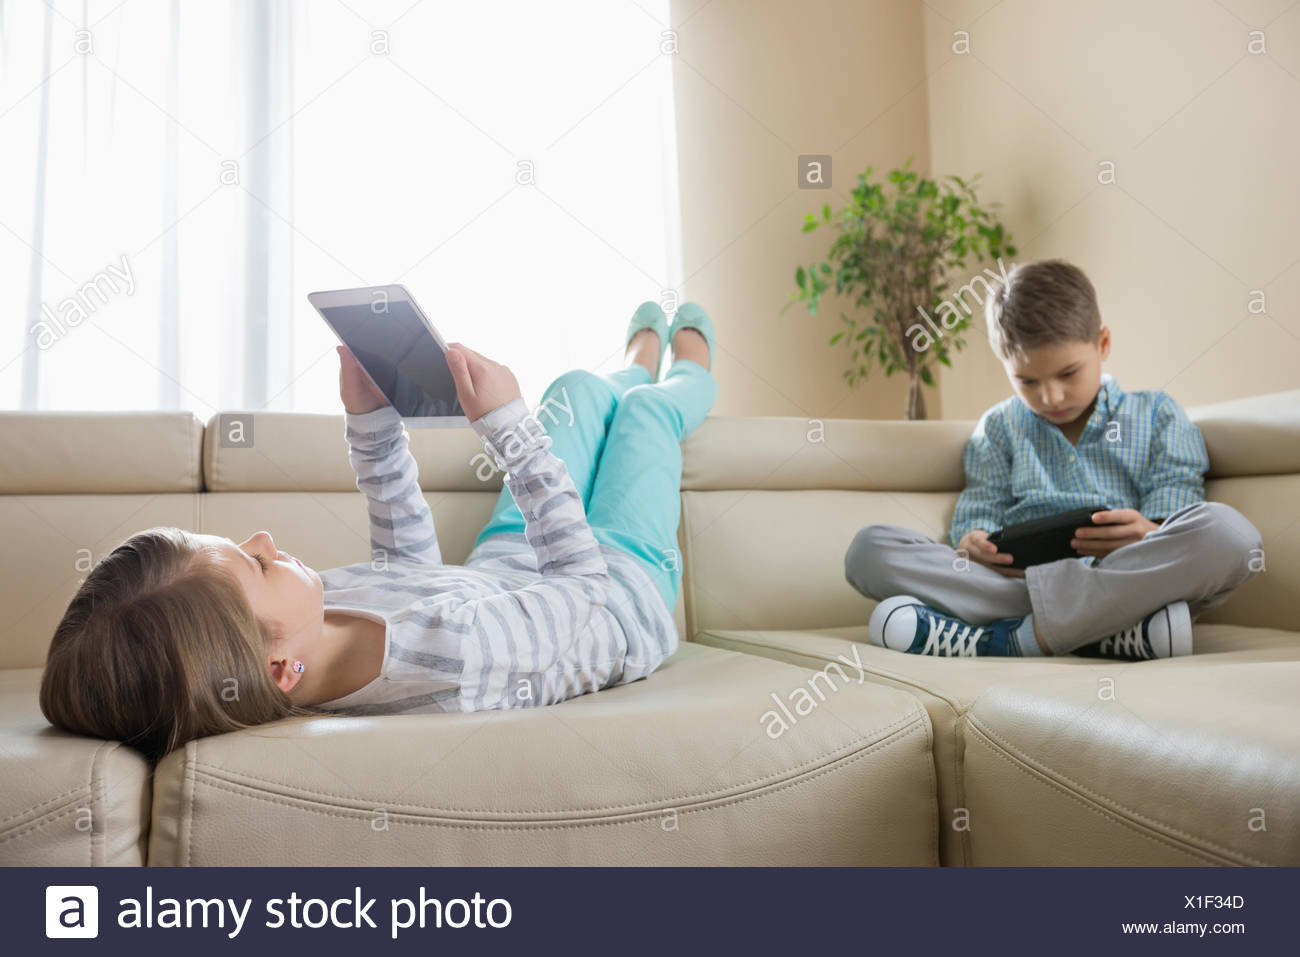 Frères et sœurs à l'aide de technologies sur le canapé à la maison Photo Stock